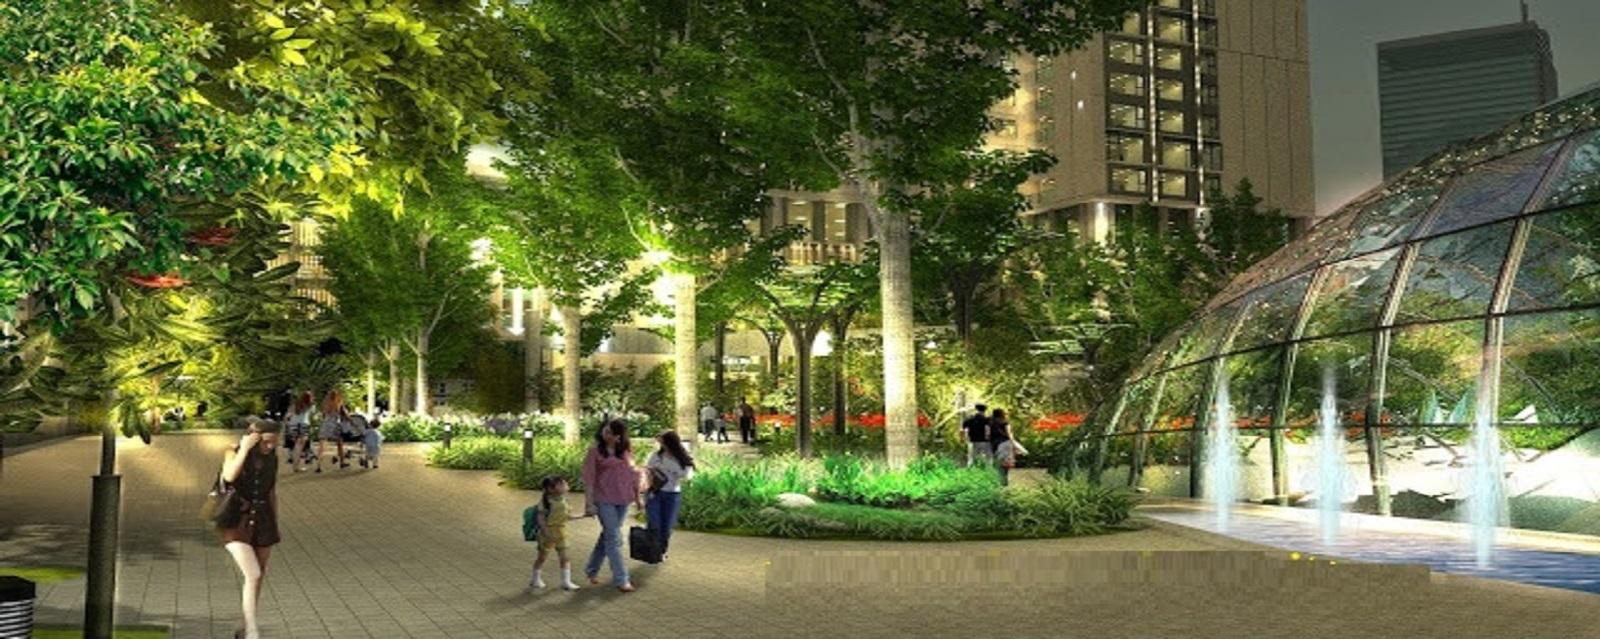 Cung đường dạo bộ lý tưởng tại chung cư Rivera Park